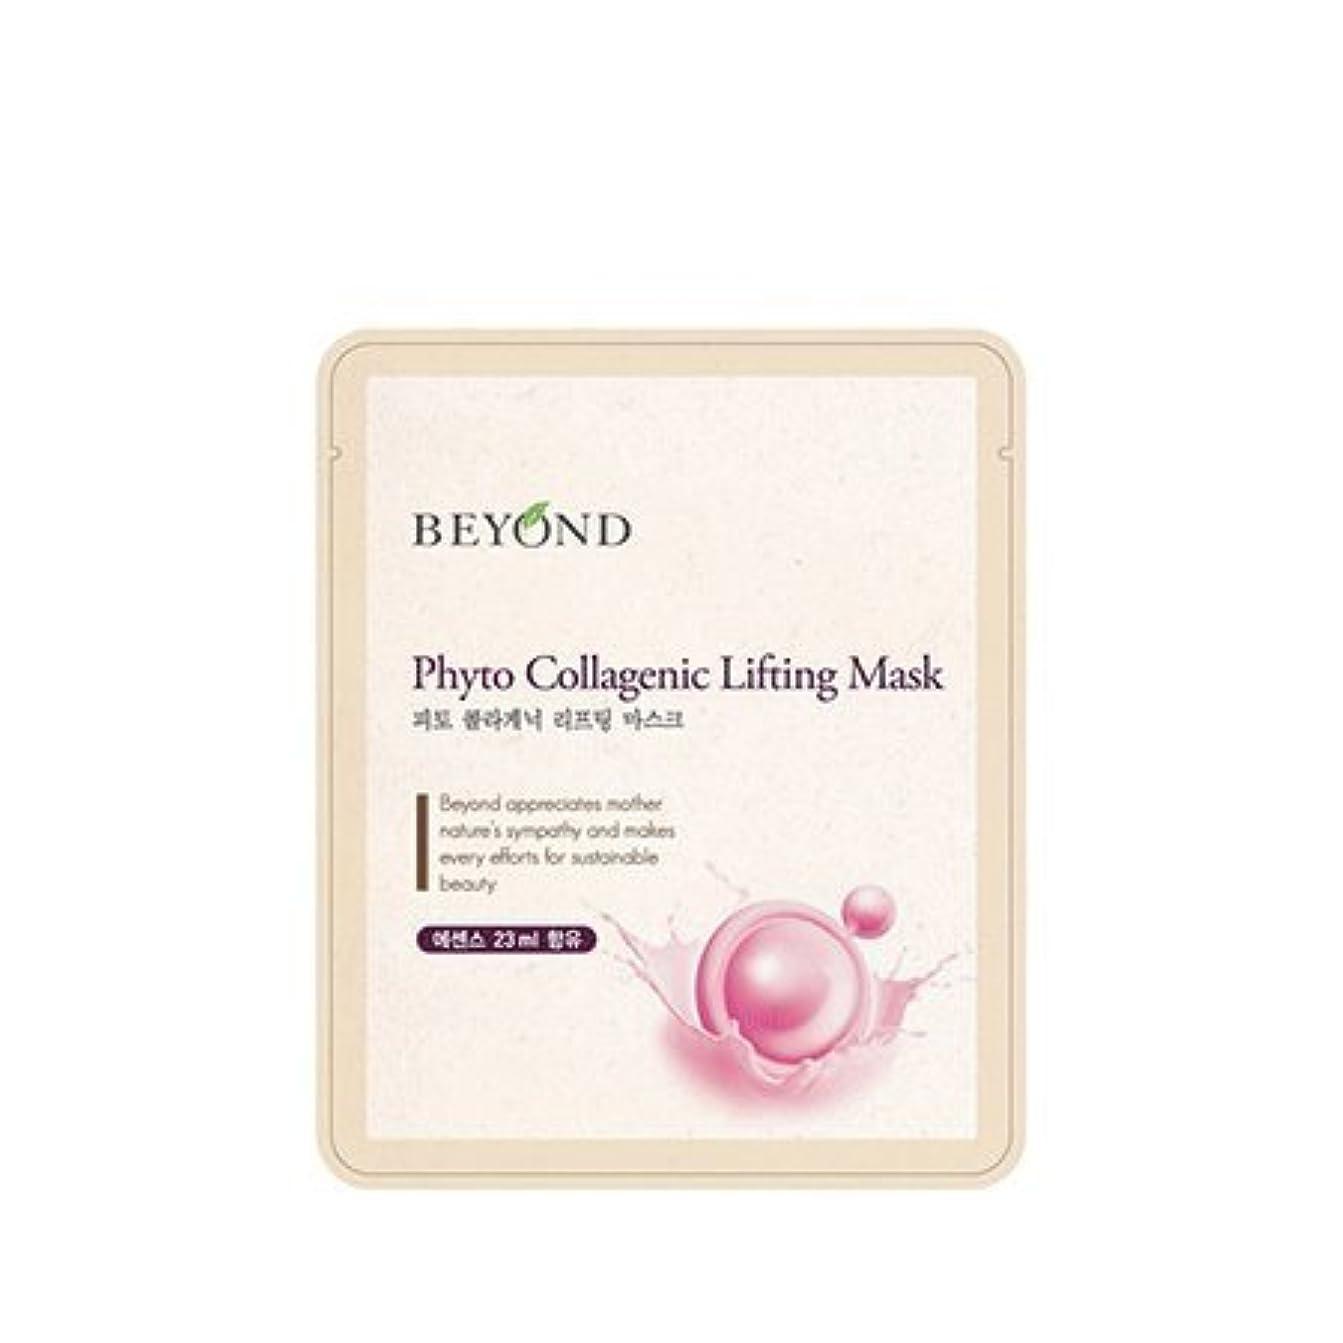 抑制論理的にブラインドBeyond mask sheet 5ea (Phyto Collagenic Lifting Mask)